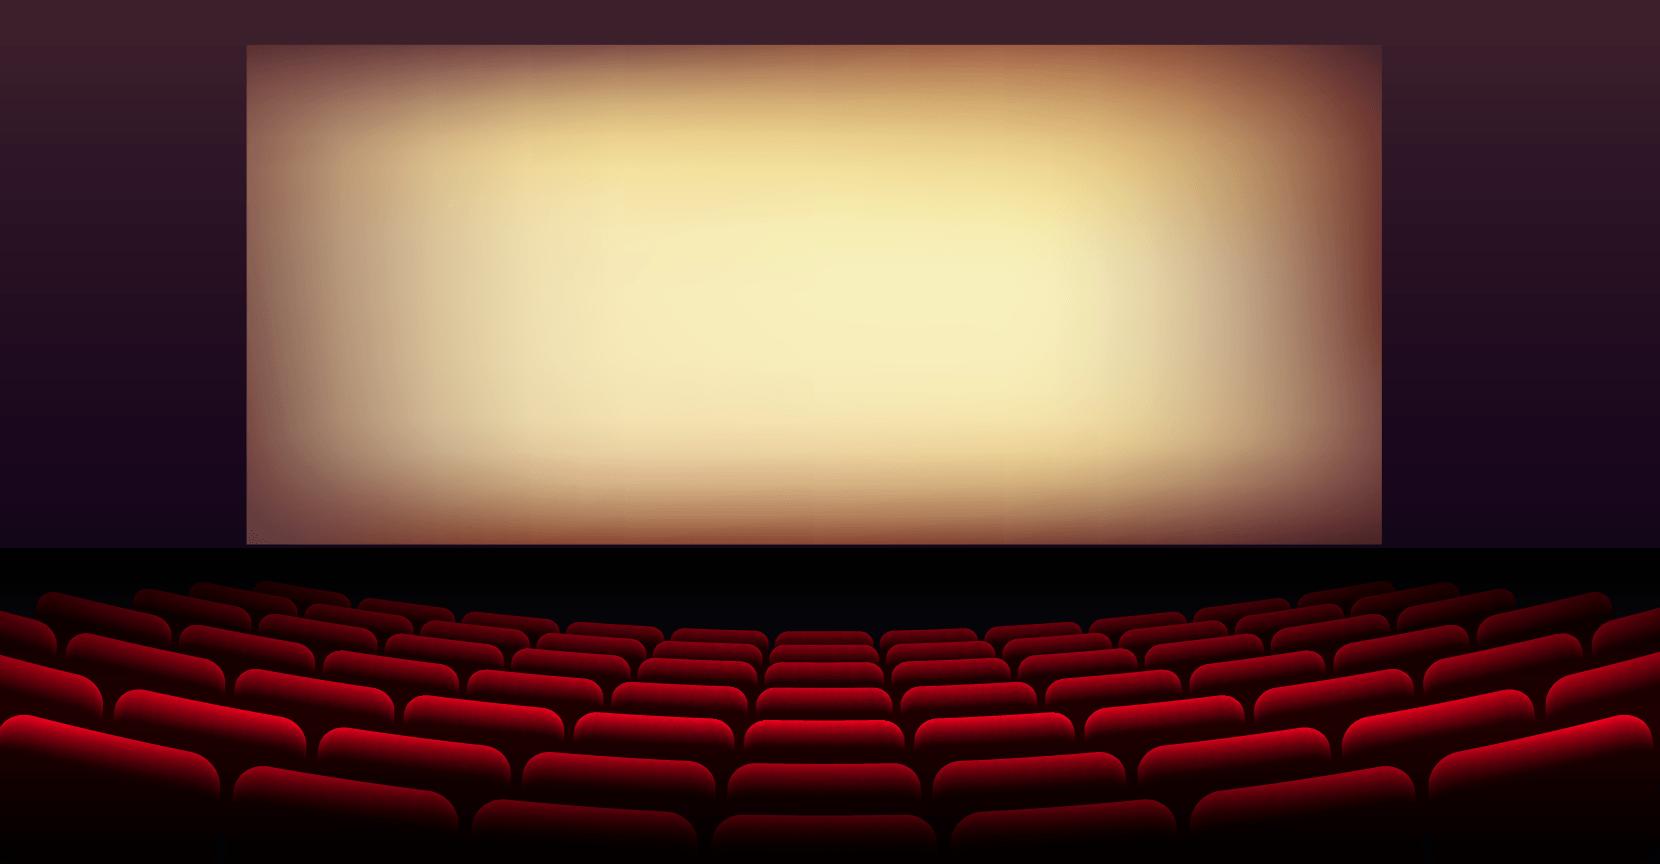 Fondo cine